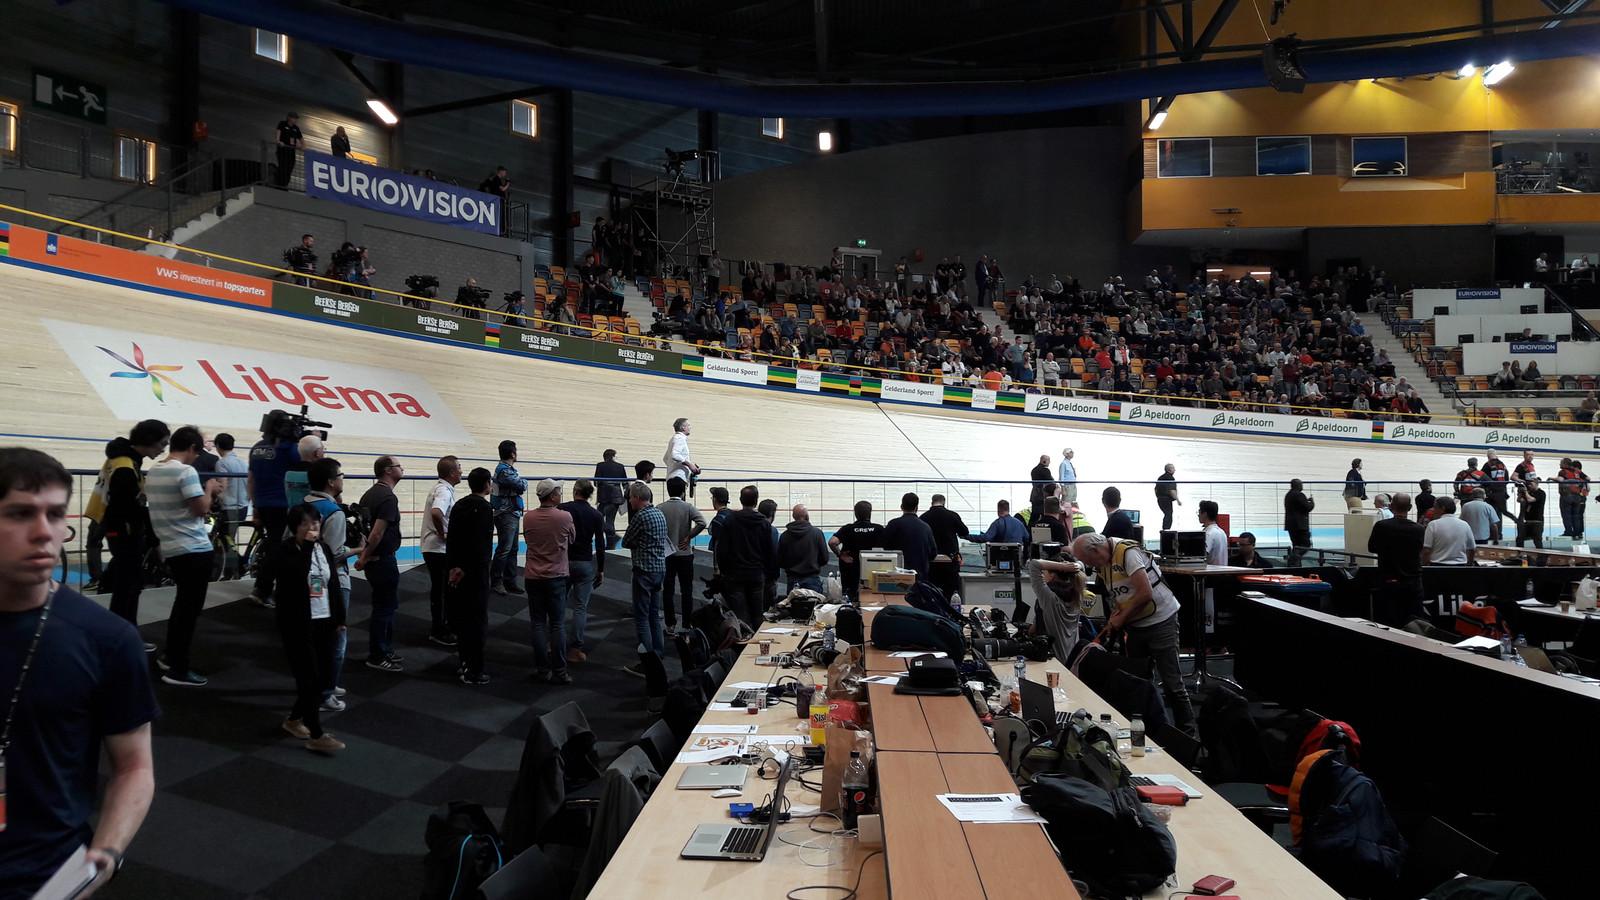 Even is er paniek wanneer een official van de UCI omver wordt gereden tijdens het eerste onderdeel van het Omnium vrouwen.